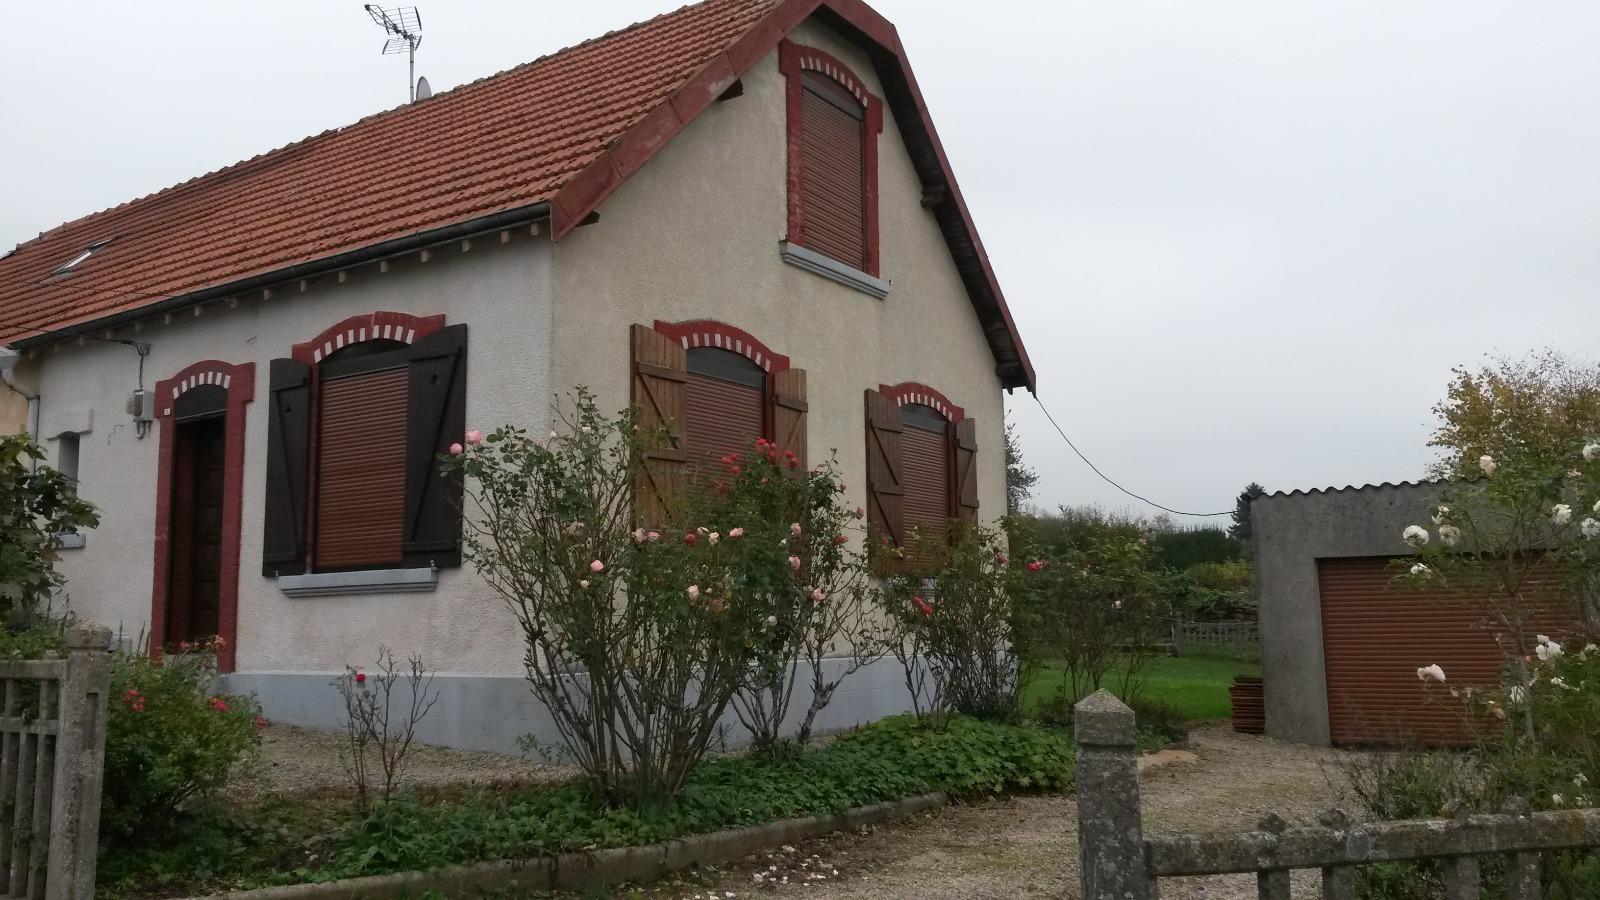 Vente maison mitoyenne mouzon 08210 64m avec 4 pi ce s dont 2 chambre s sur 407m de - Maison avec petit jardin angers ...